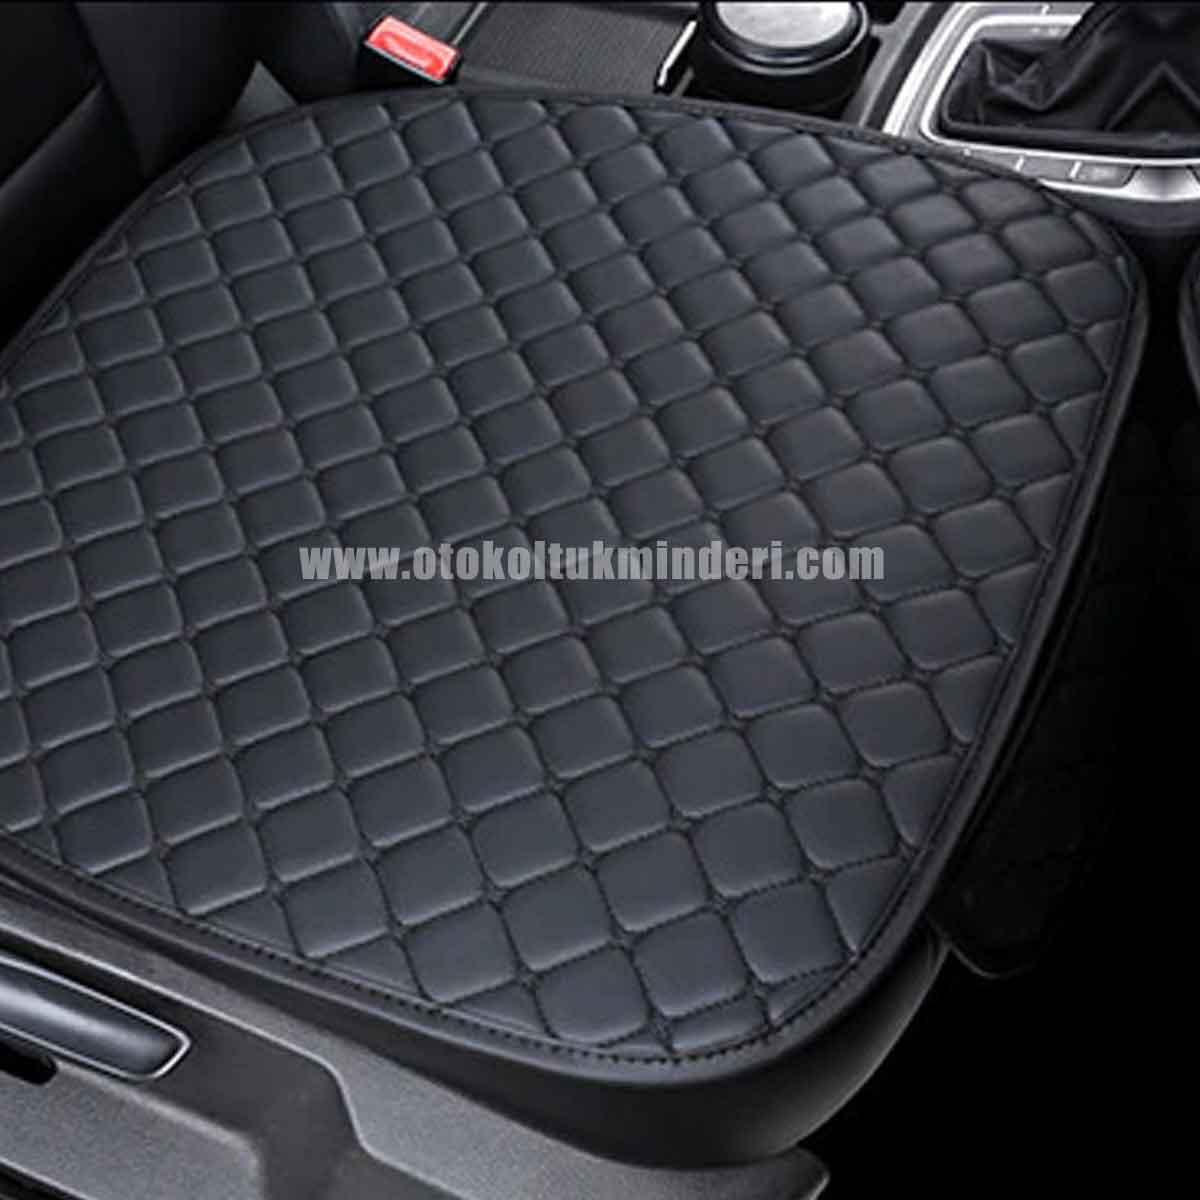 Mercedes oto koltuk kılıfı 1 - Mercedes Koltuk minderi Siyah Deri Cepli